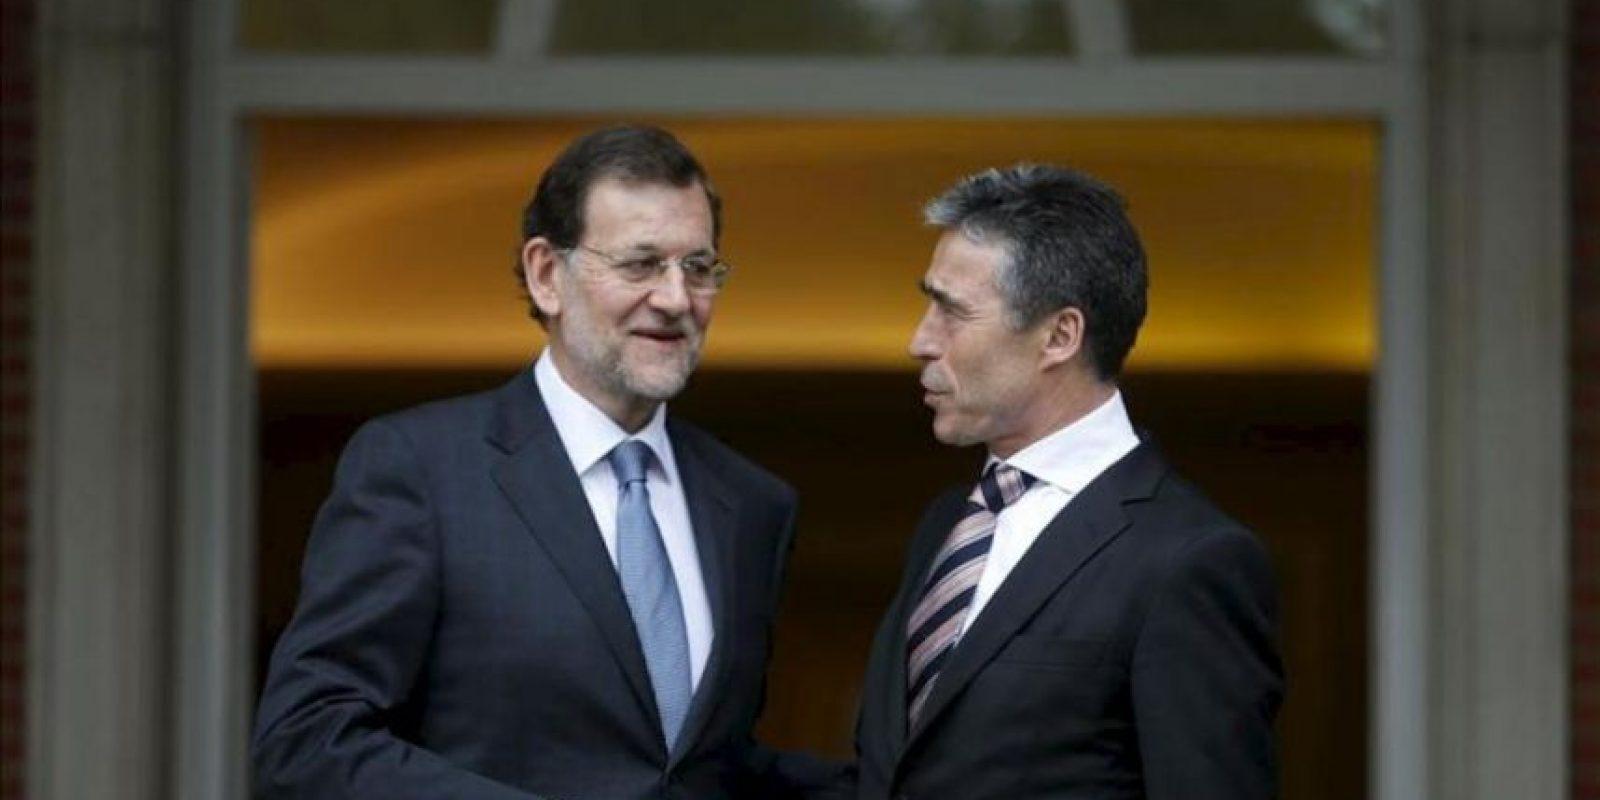 El presidente del Gobierno, Mariano Rajoy (i), saluda al secretario general de la OTAN, Anders Fogh Rasmussen, a la llegada de este al Palacio de La Moncloa donde se han reunido este mediodía para abordar la situación en Afganistán y la próxima cumbre de la Alianza en Chicago (EEUU). EFE